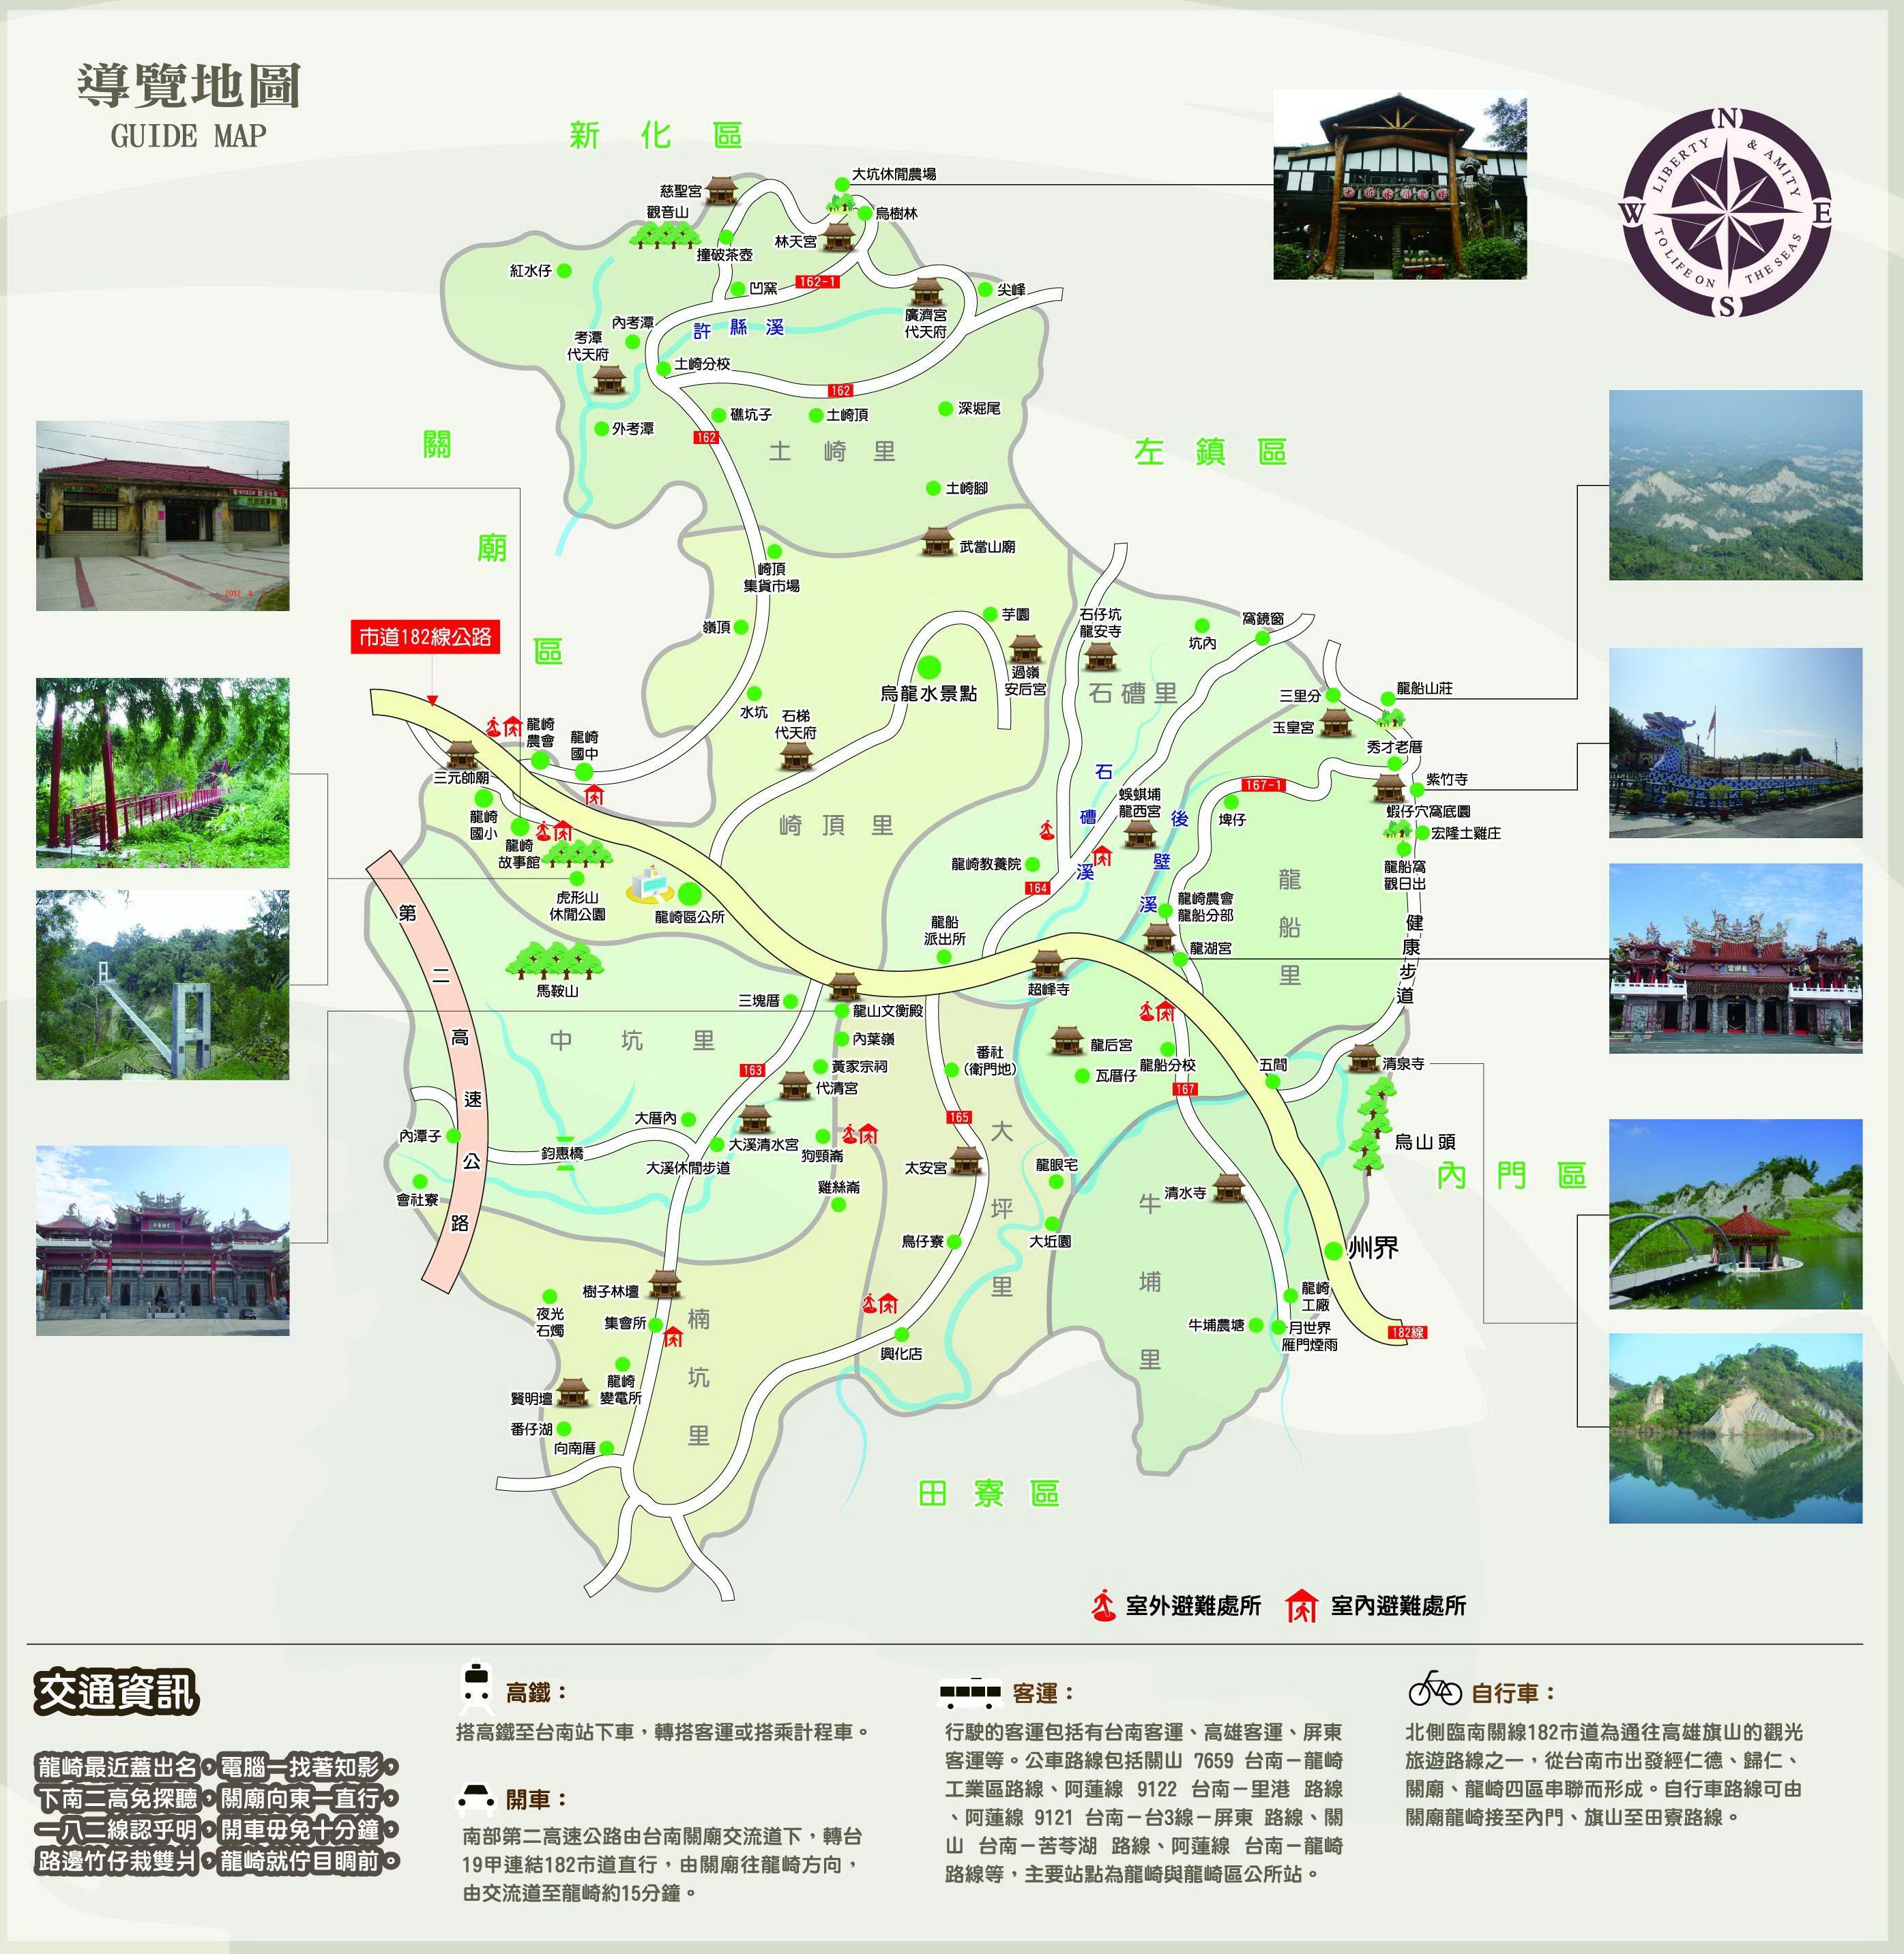 龍崎觀光導覽地圖